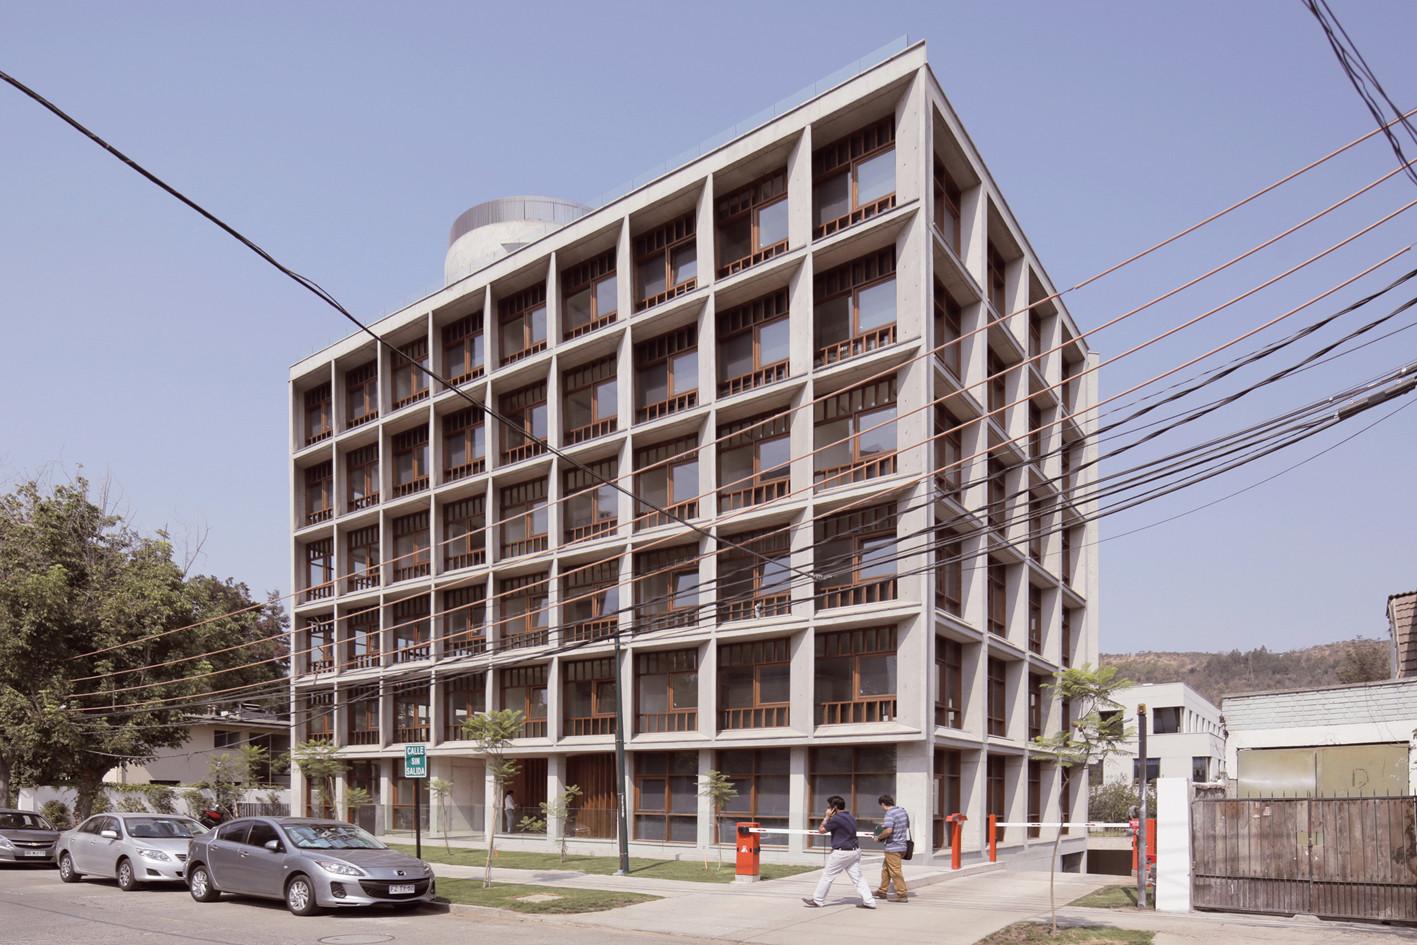 ARyS House / Peñafiel Arquitectos, © Pablo Casals-Aguirre